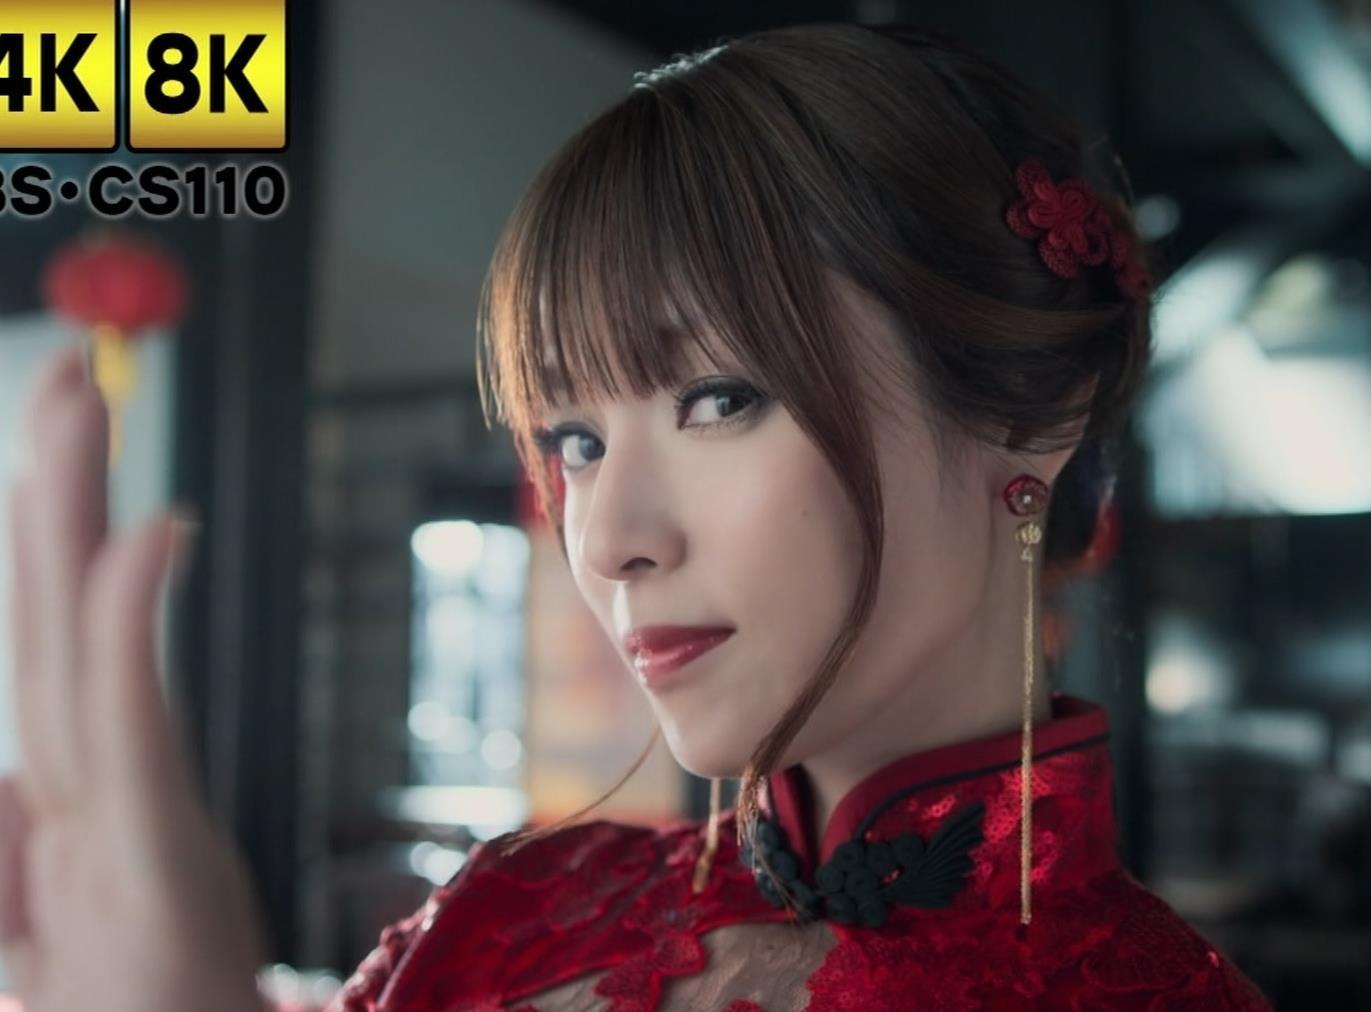 深田恭子 エロ過ぎるチャイナドレス姿のBS4K8KのCMキャプ・エロ画像7